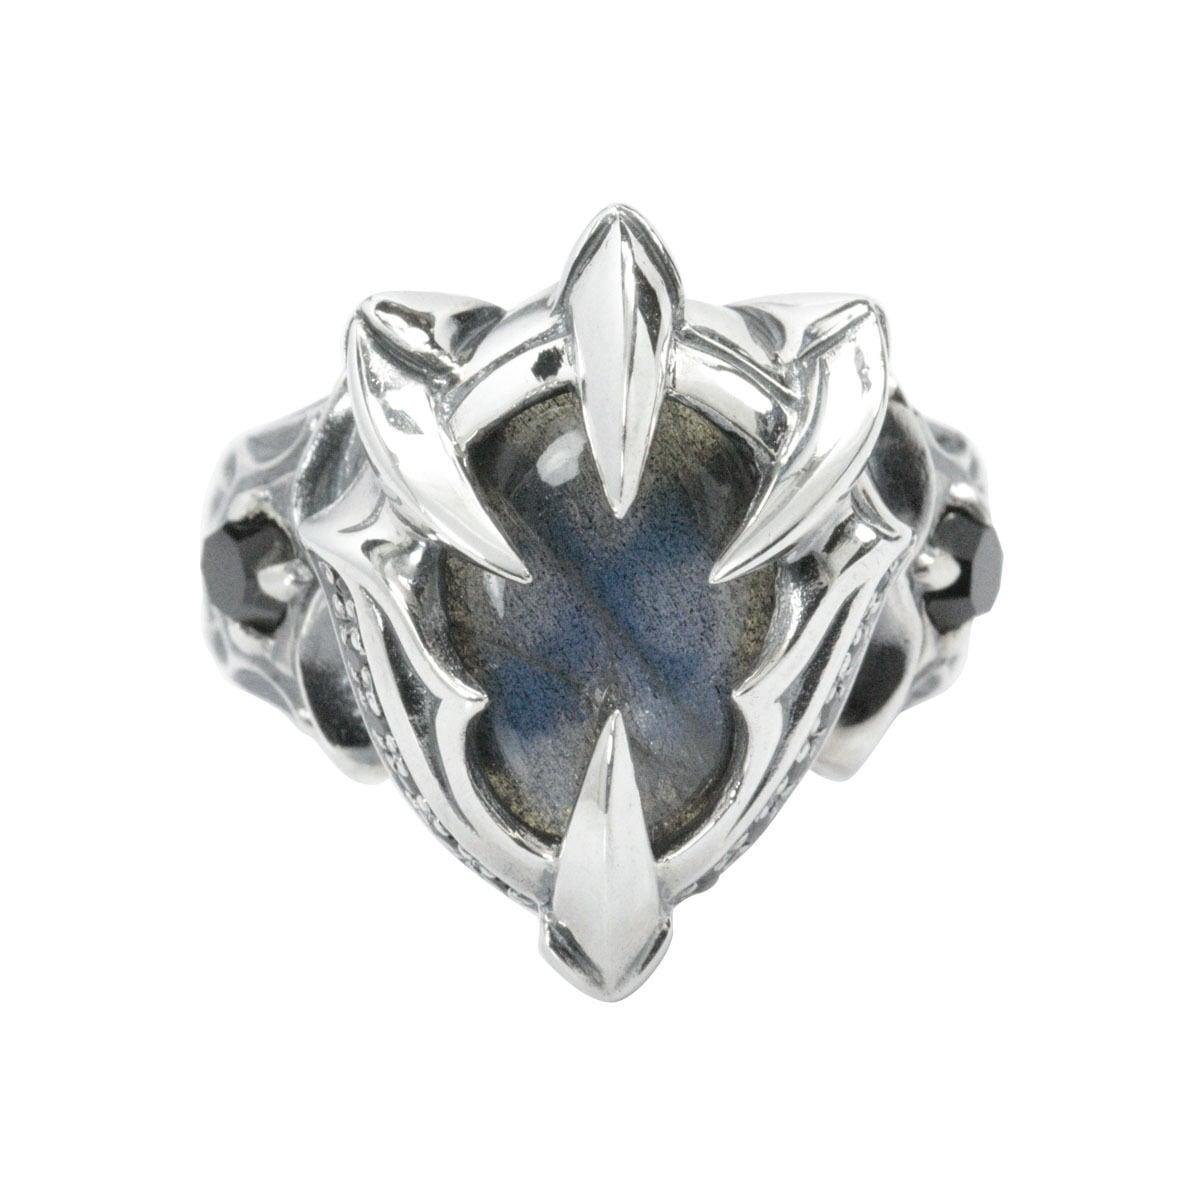 ドラゴンクローリング ACR0234 Dragon claw ring  【「貴族誕生 -PRINCE OF LEGEND-」衣装協力商品】